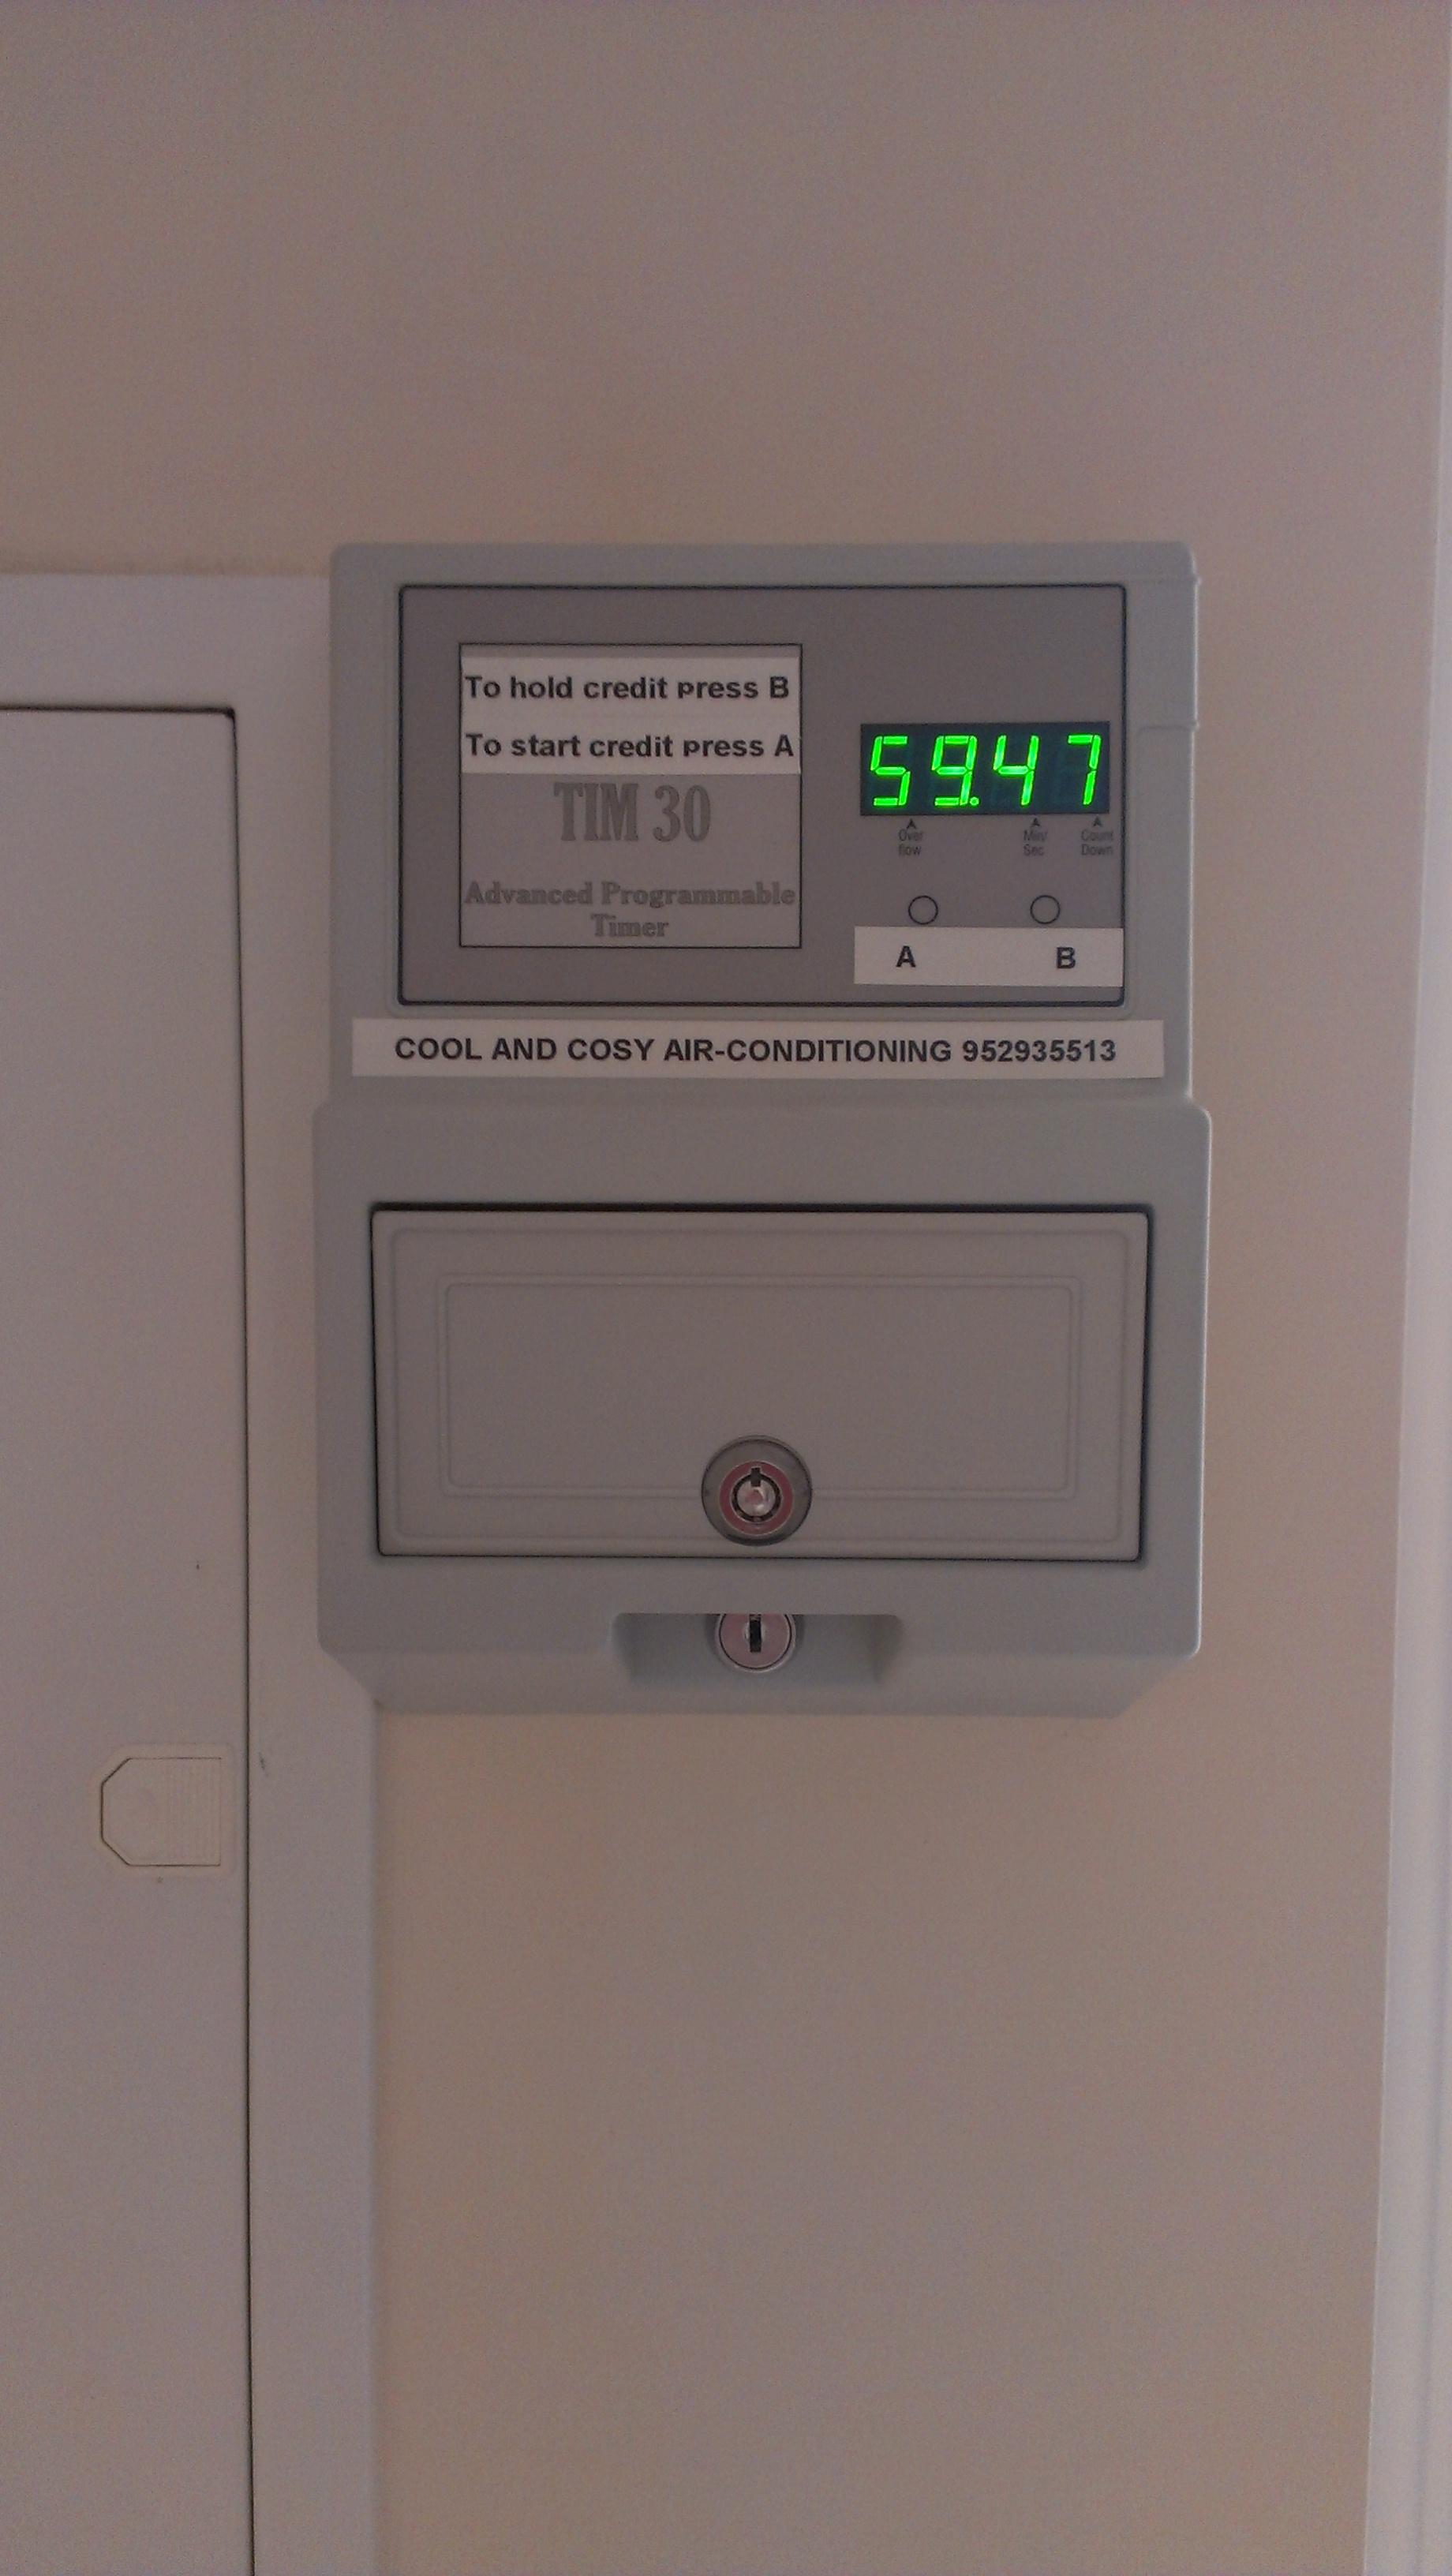 Coin meter 3.jpg